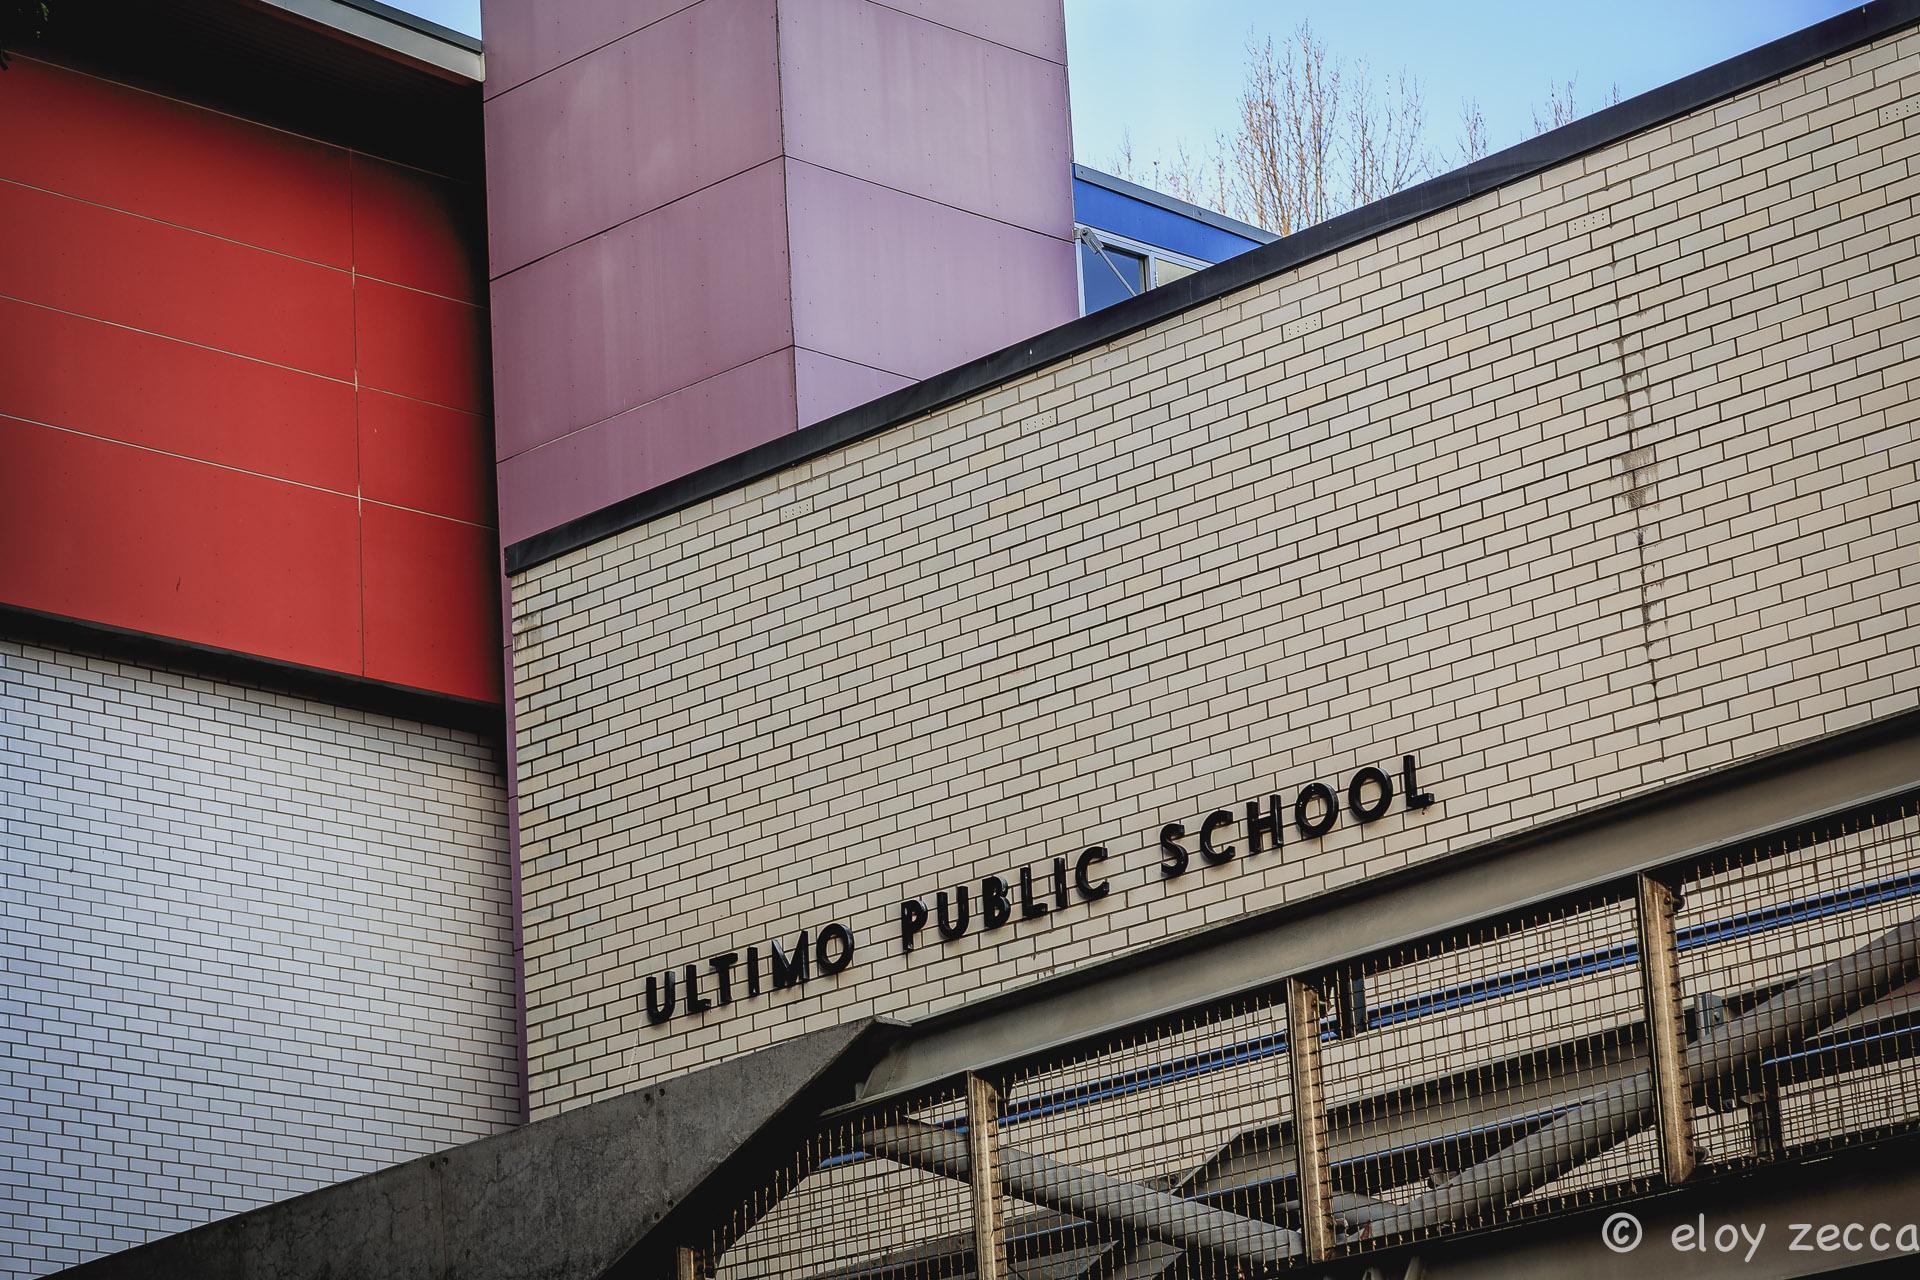 Ultimo Public School.